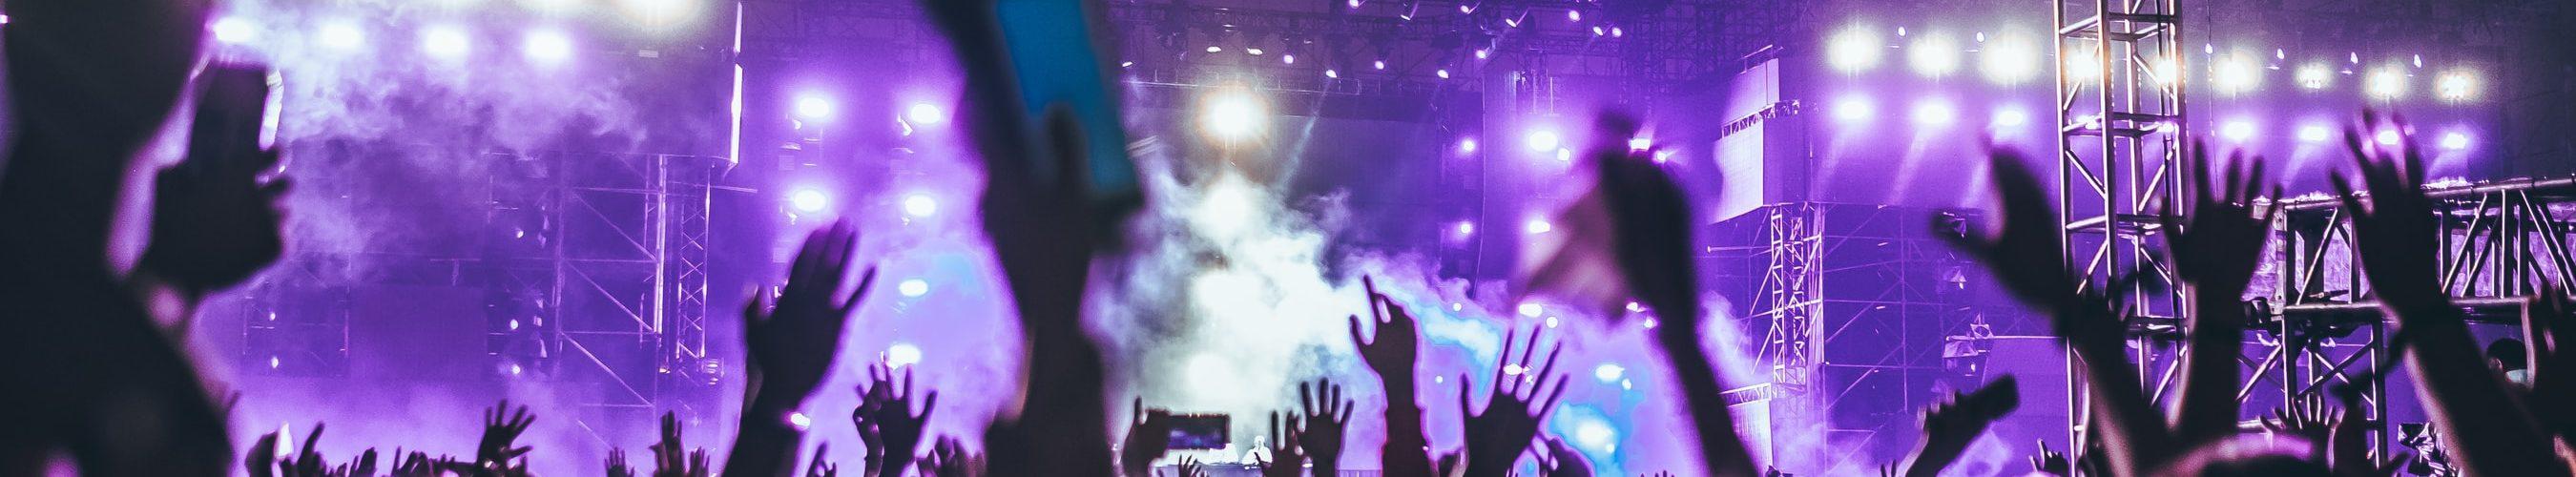 ultra-festival